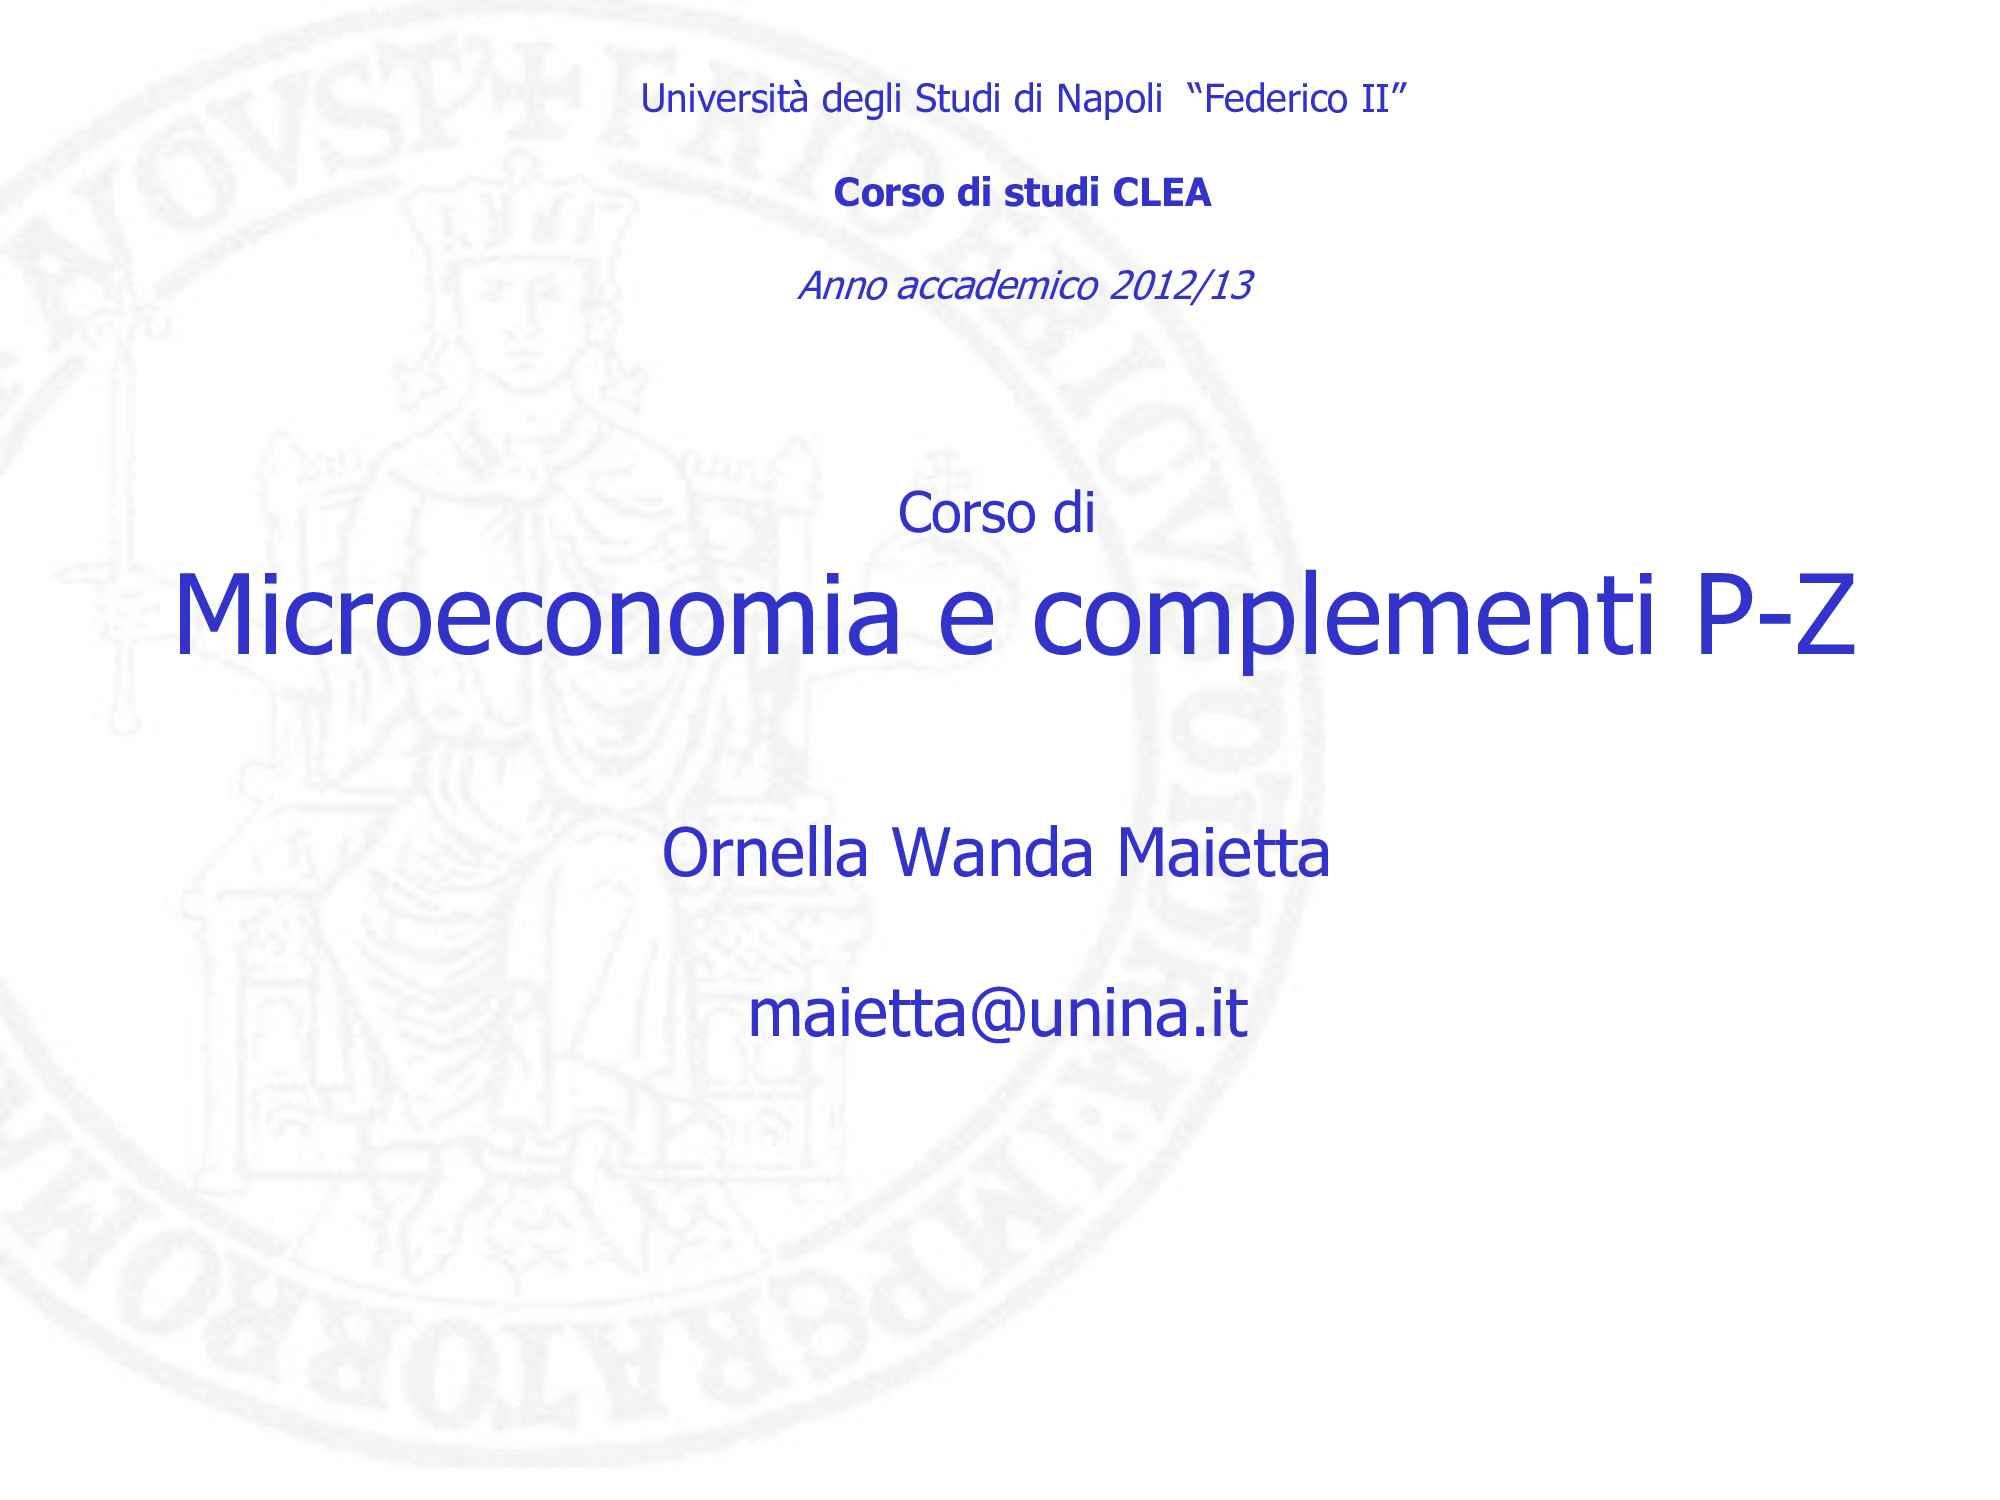 Microeconomia: definizioni